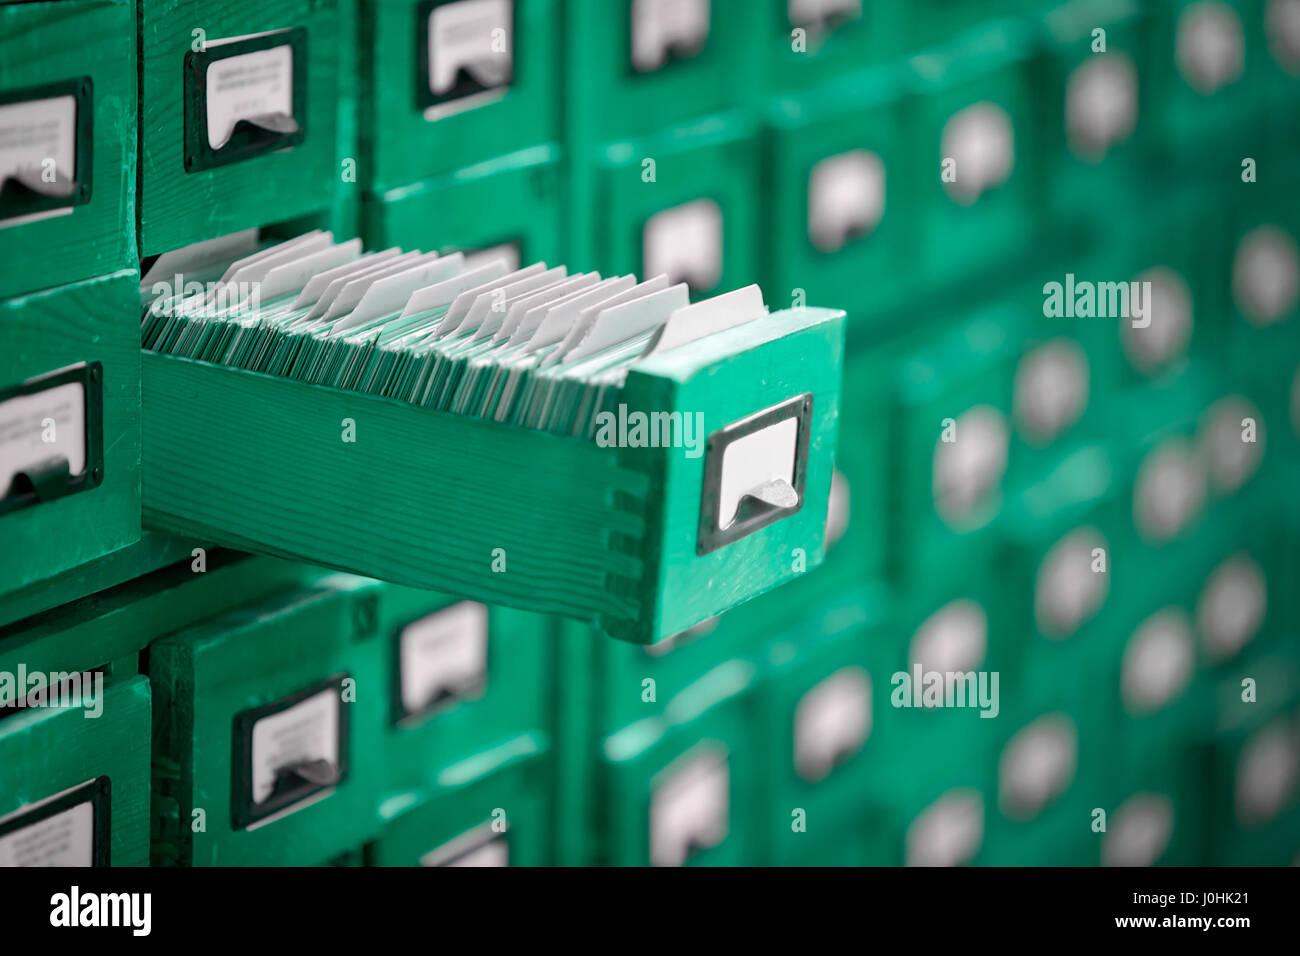 Biblioteca o archivo catálogo de referencia con abrir el cajón de la tarjeta. Imagen De Stock